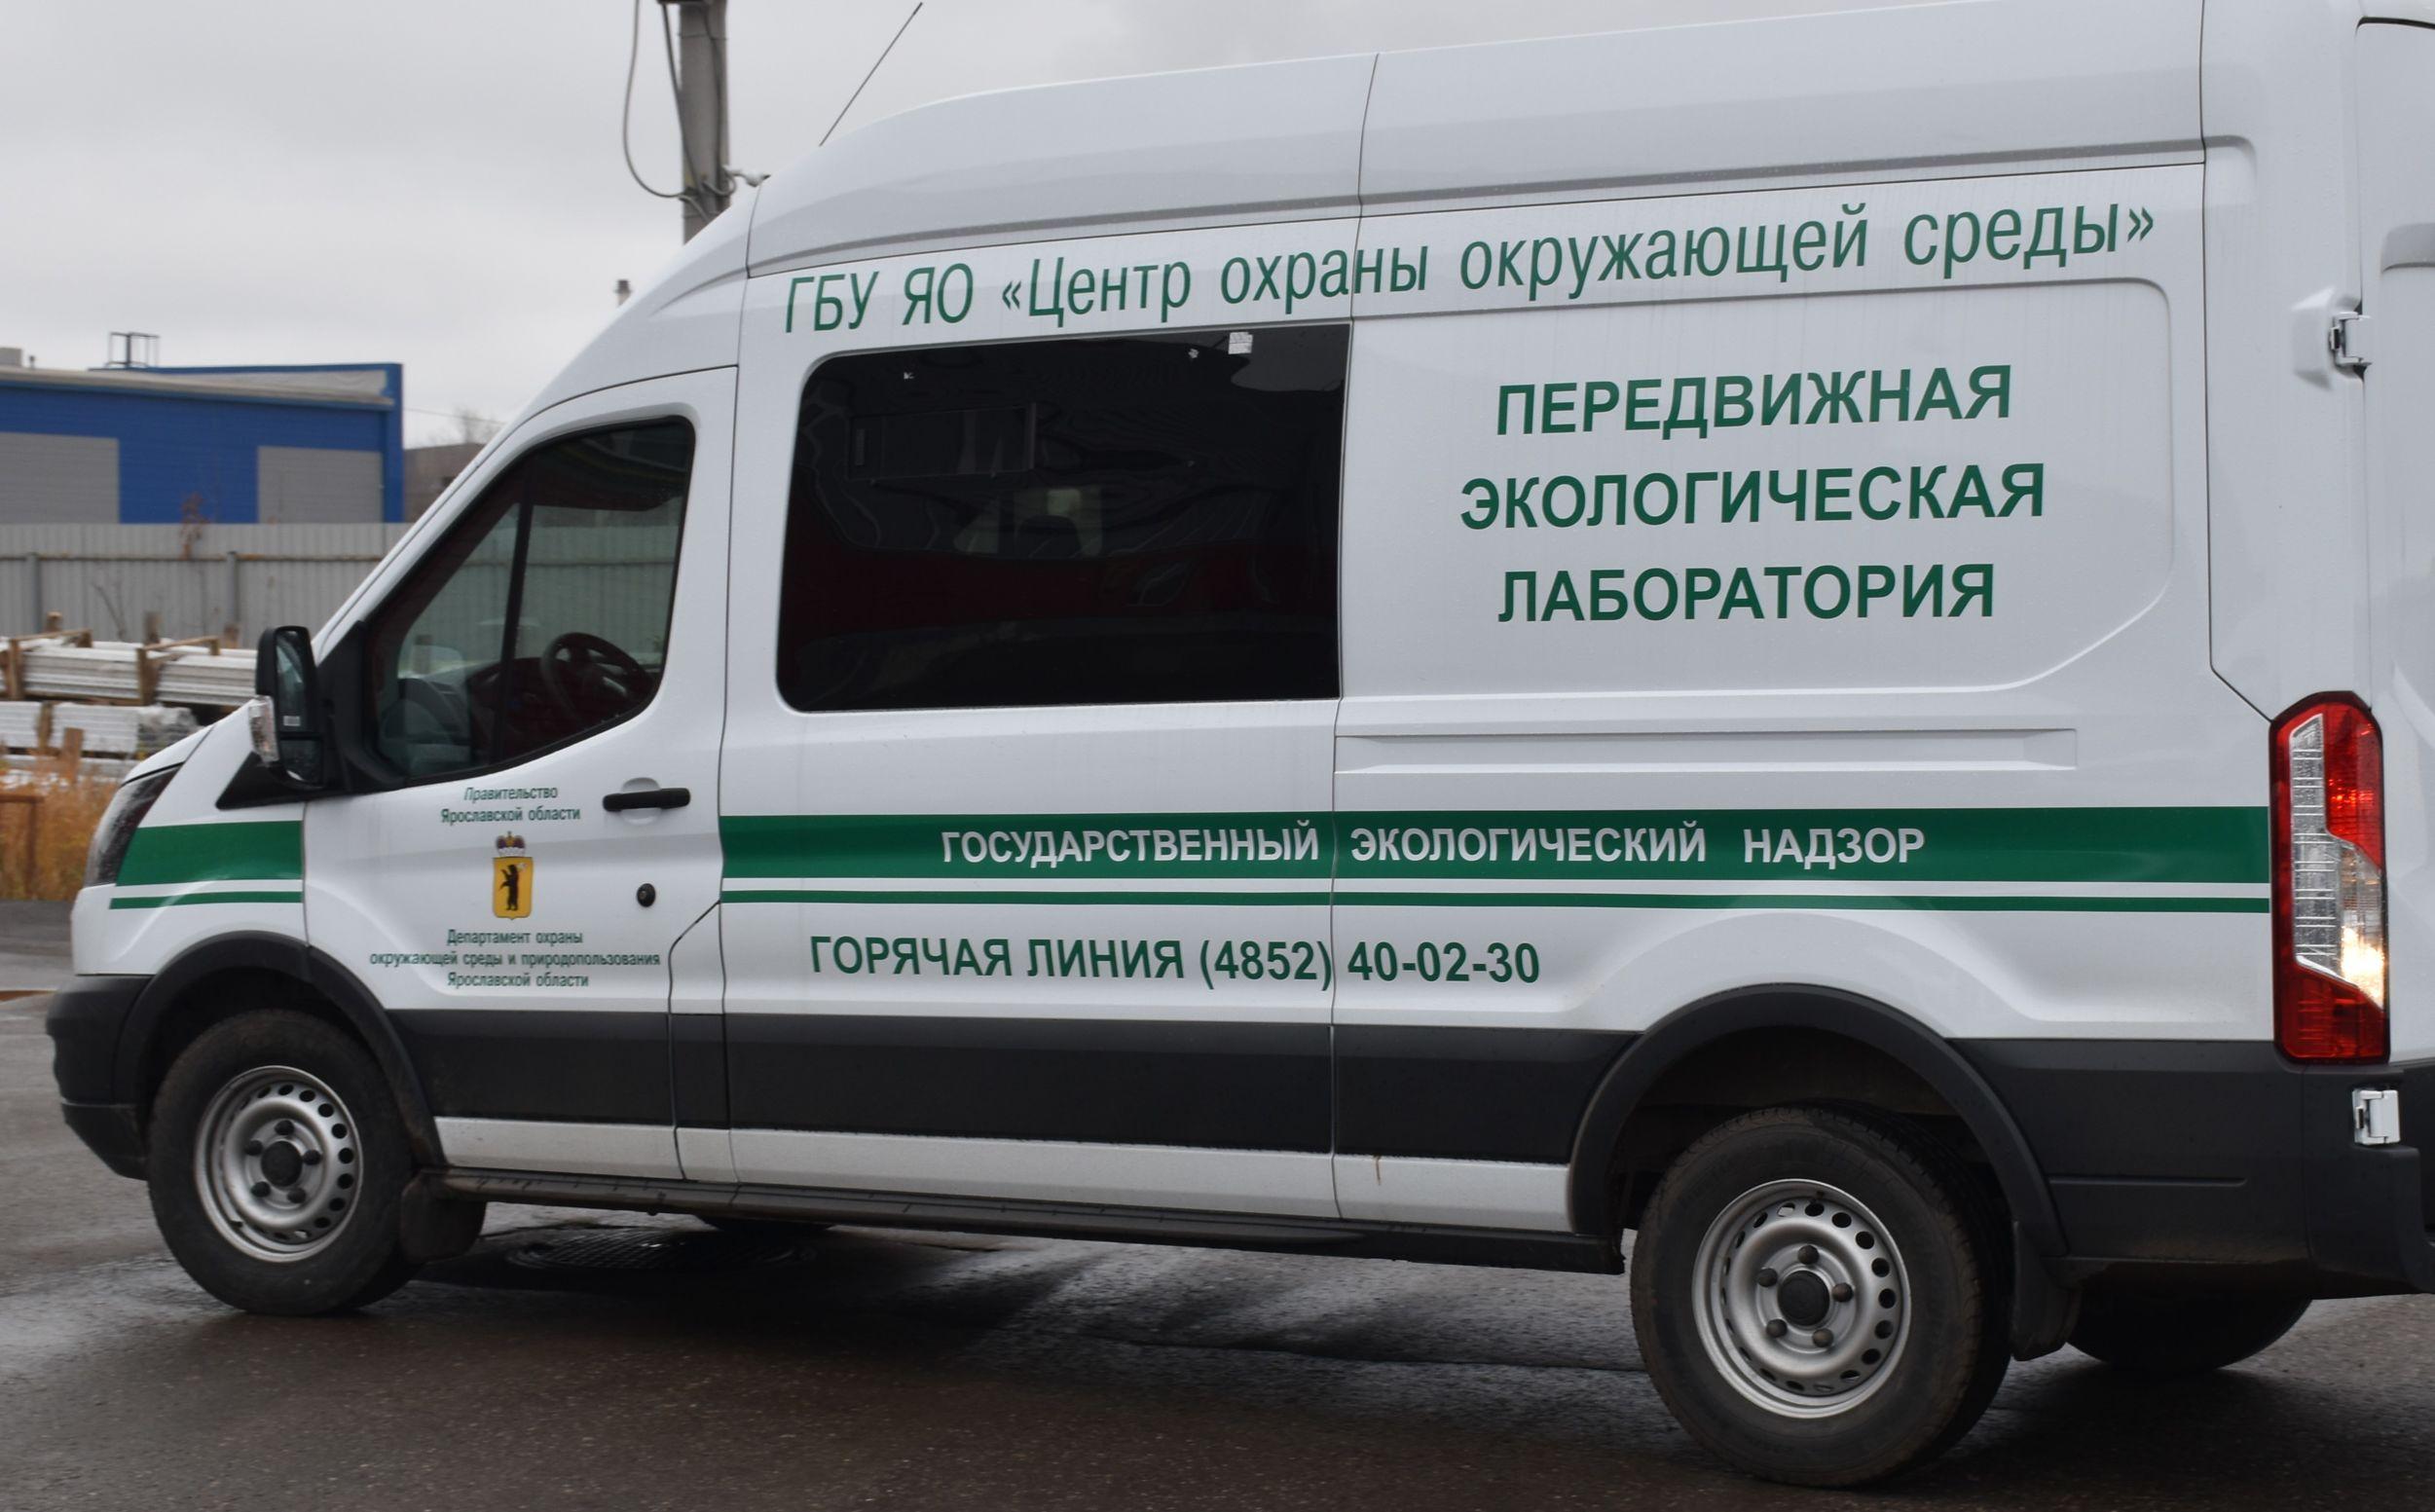 Под Ярославлем проводят проверку по факту выбросов черного дыма от асфальтобетонного завода